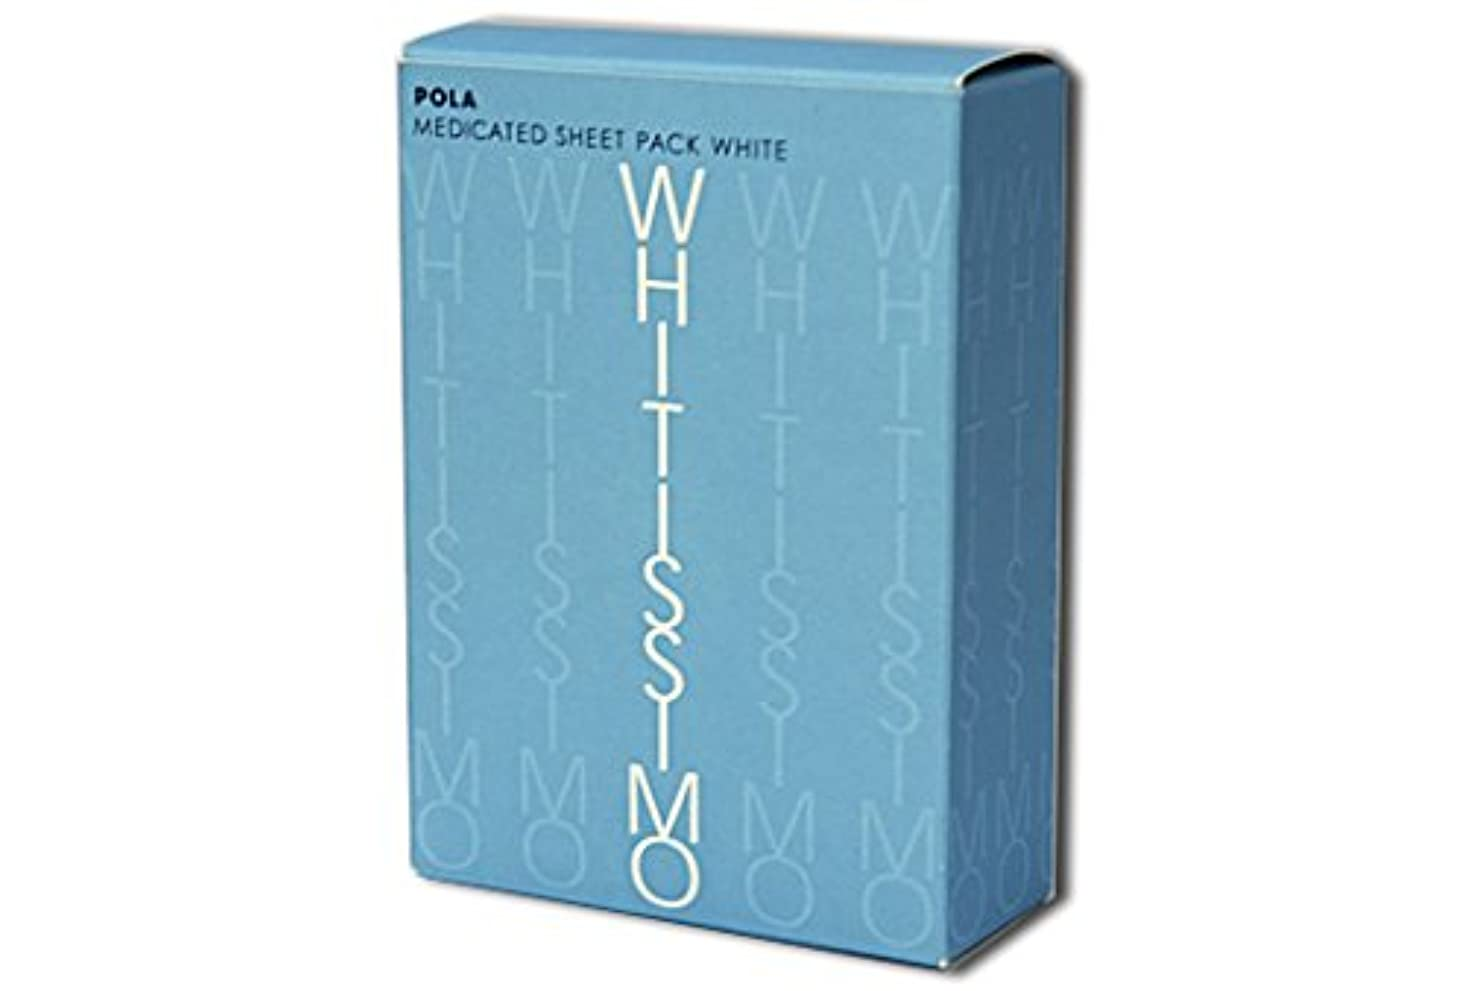 天文学効果的排気POLA / ポーラ ホワイティシモ 薬用シート パック ホワイト 30セット